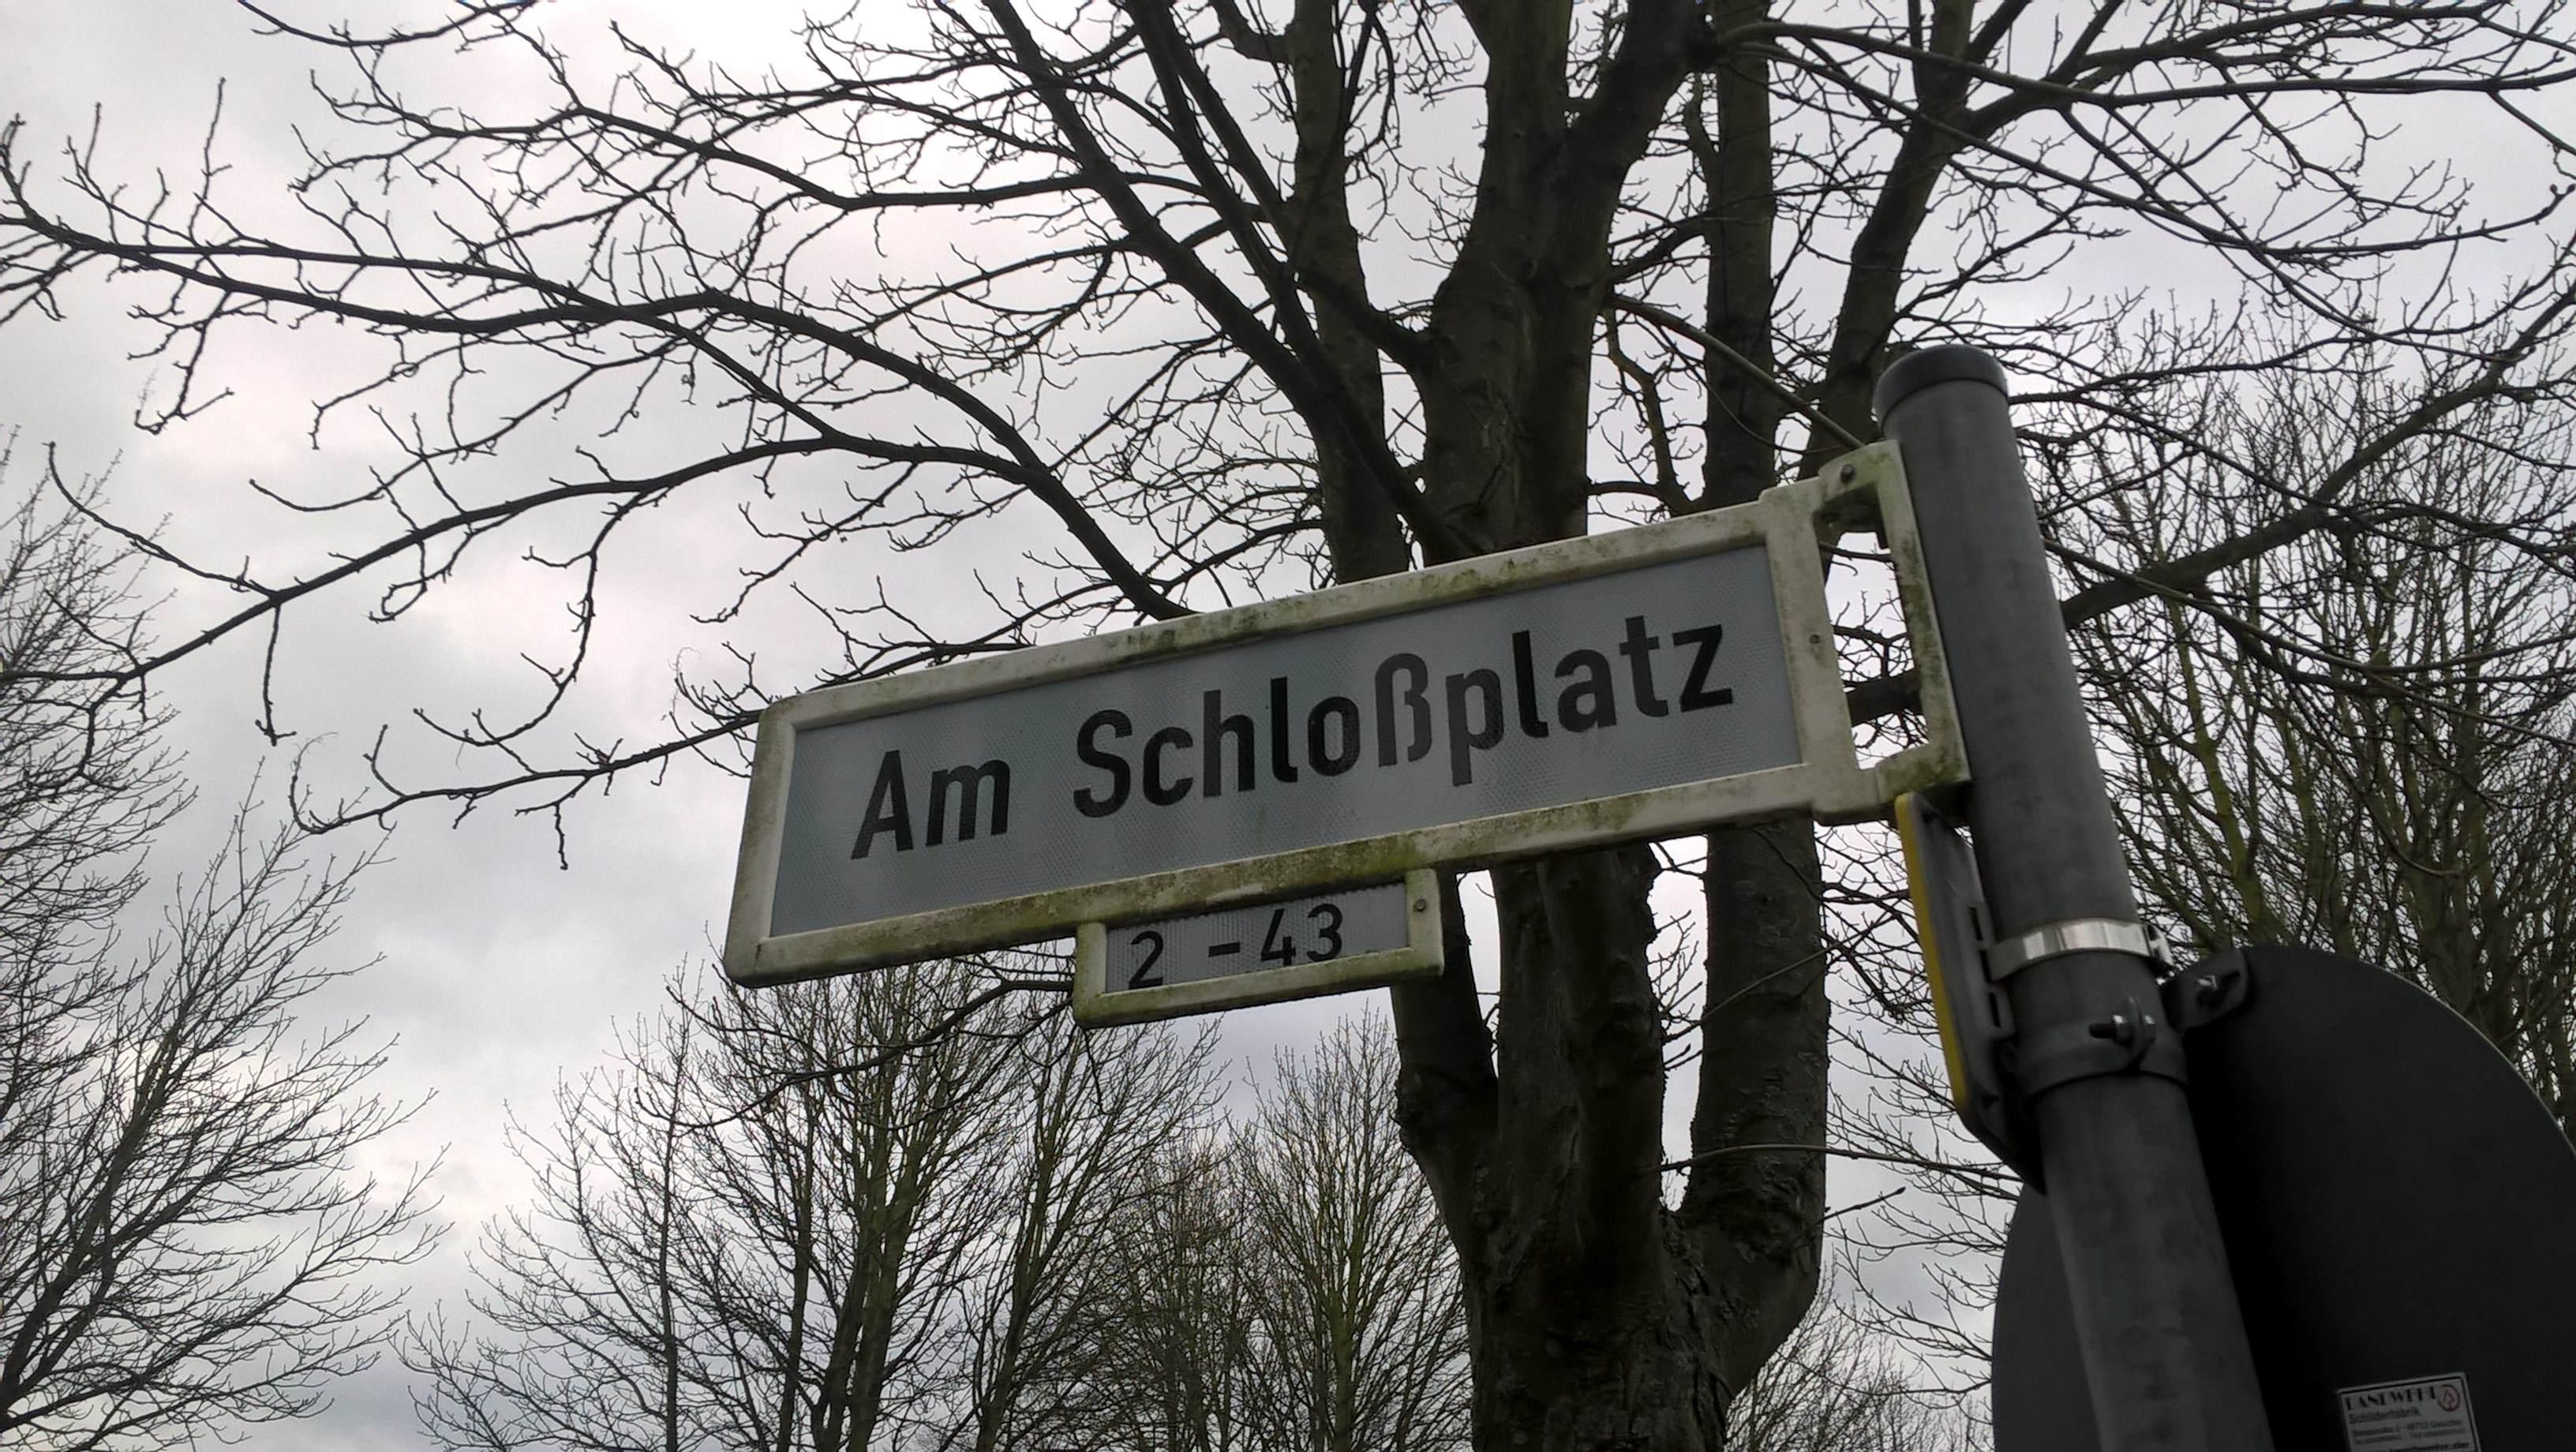 am-schlossplatz-bonn-roettgen